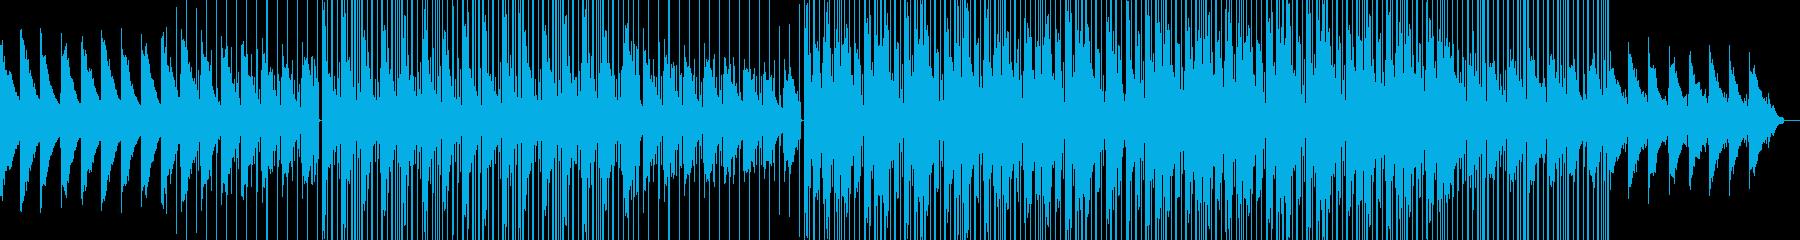 午前5時のLo-Fi Jazz-hopの再生済みの波形